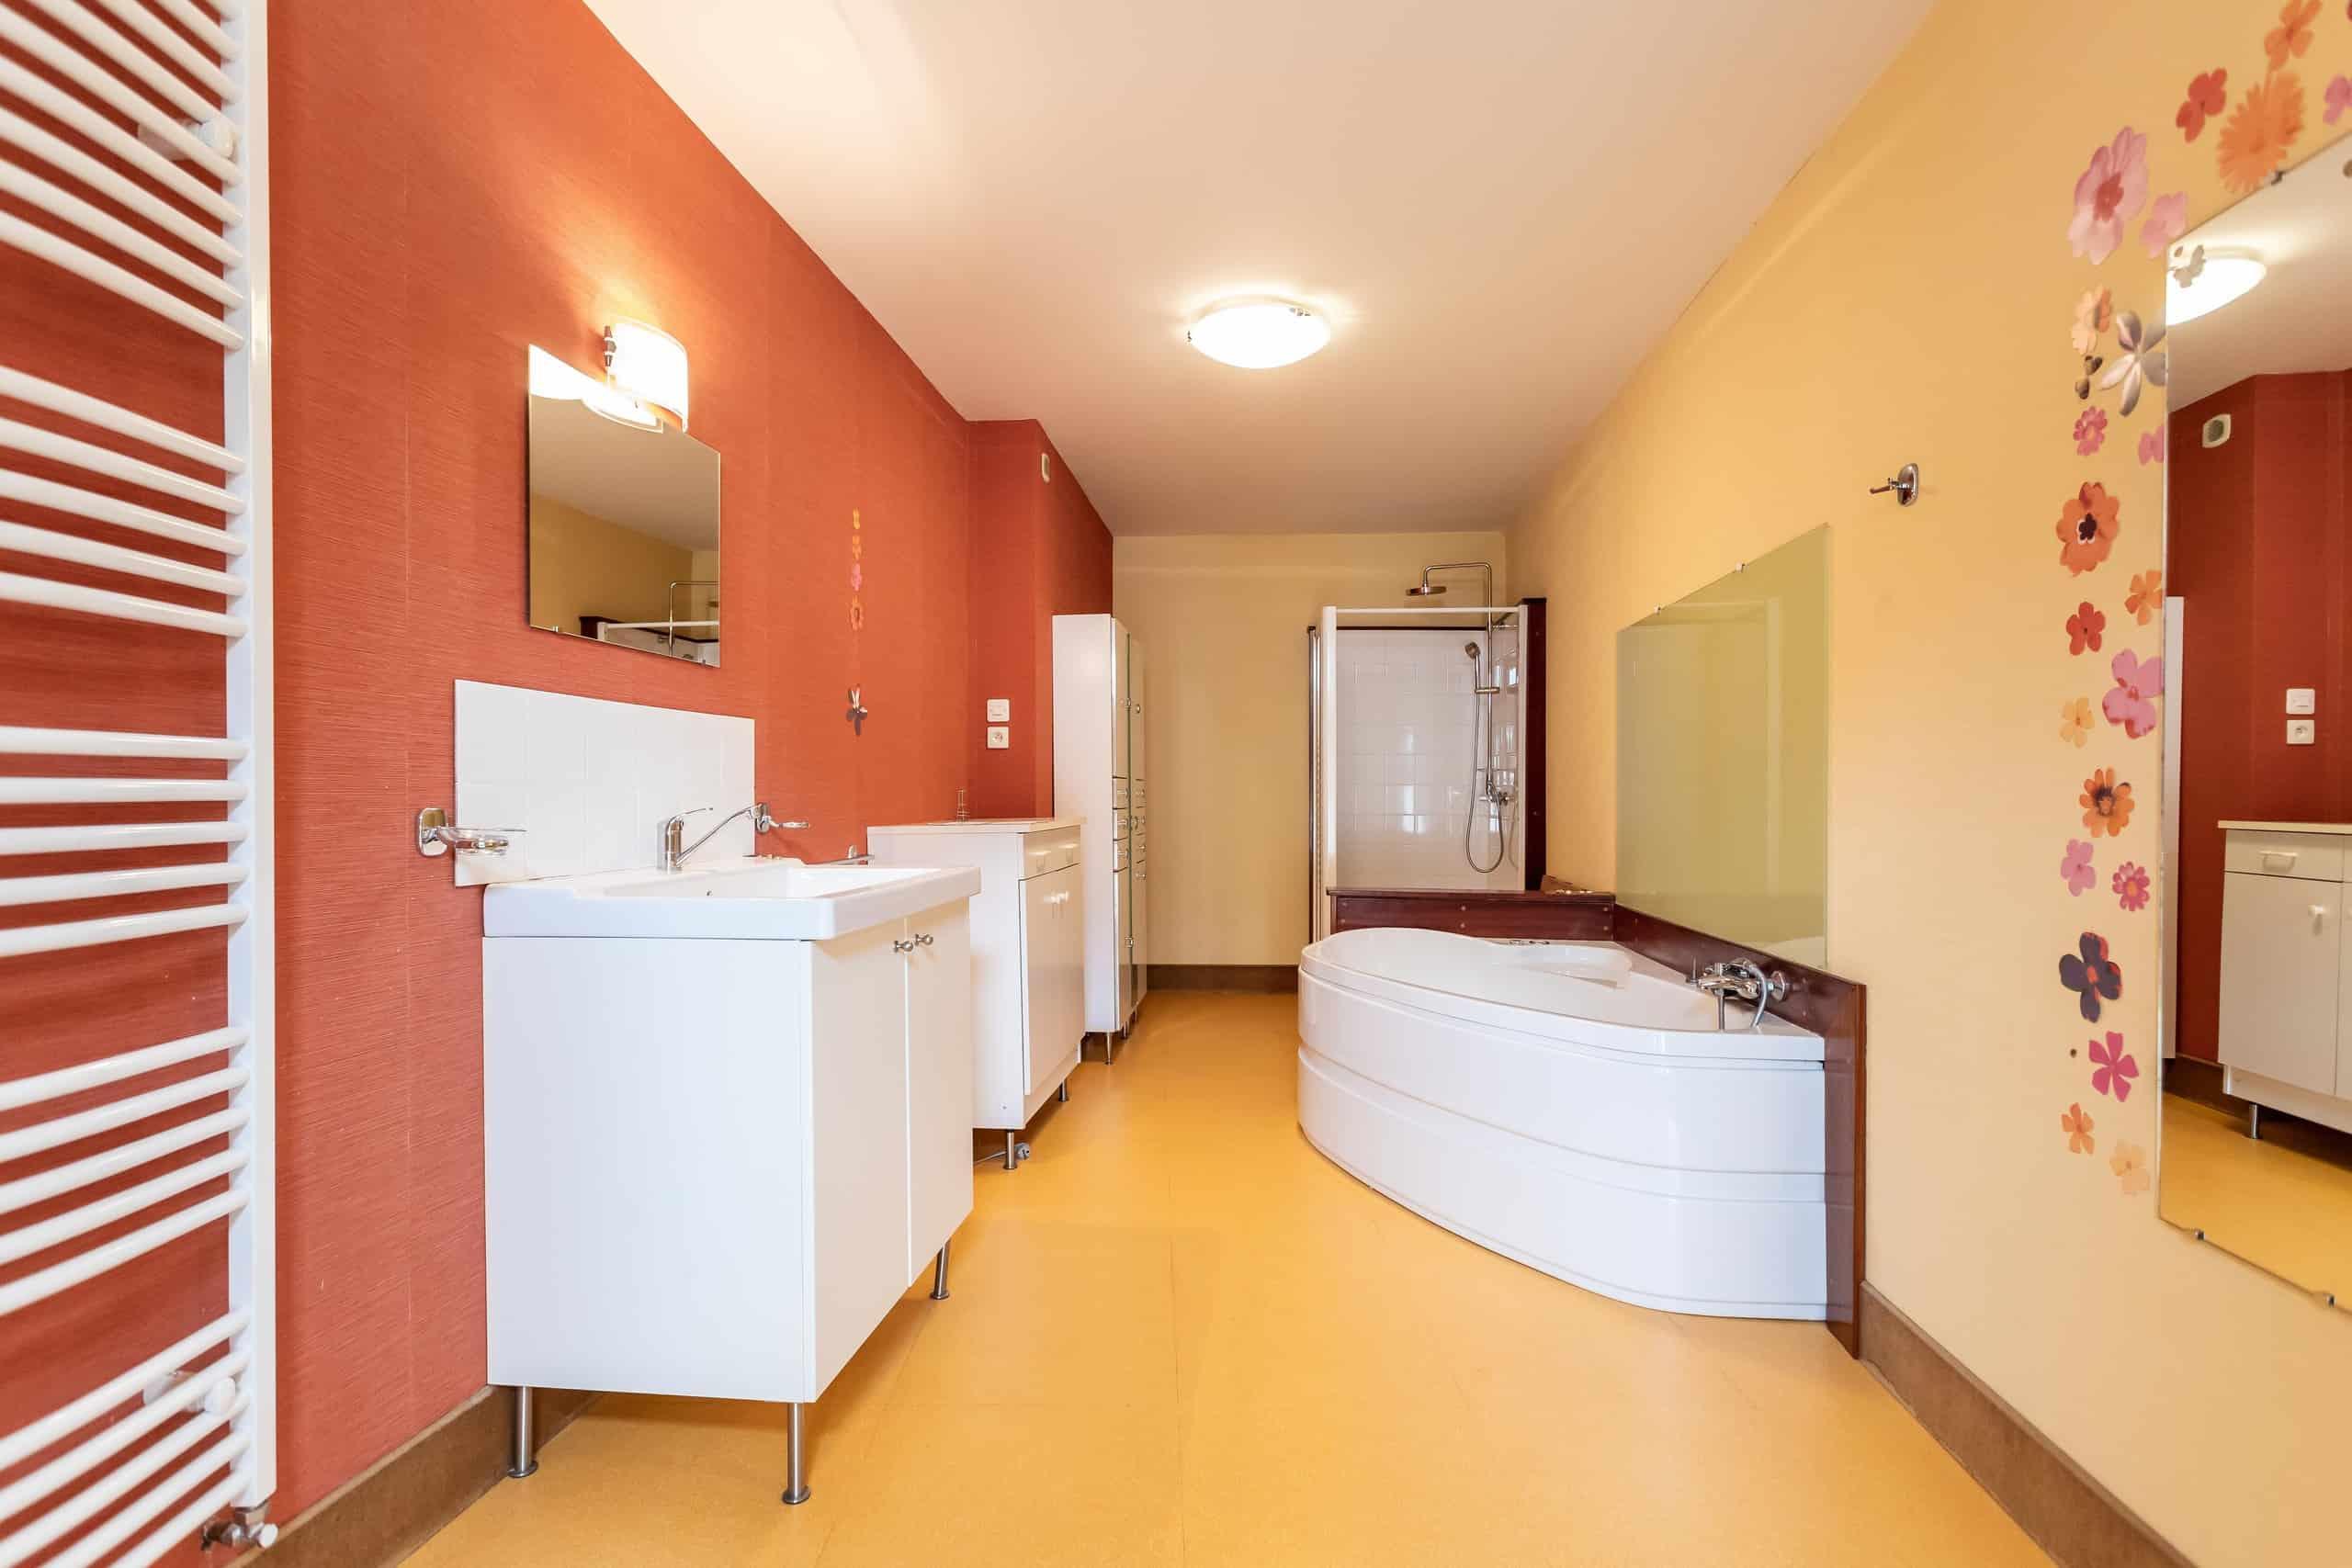 Salle de bain-WMC090